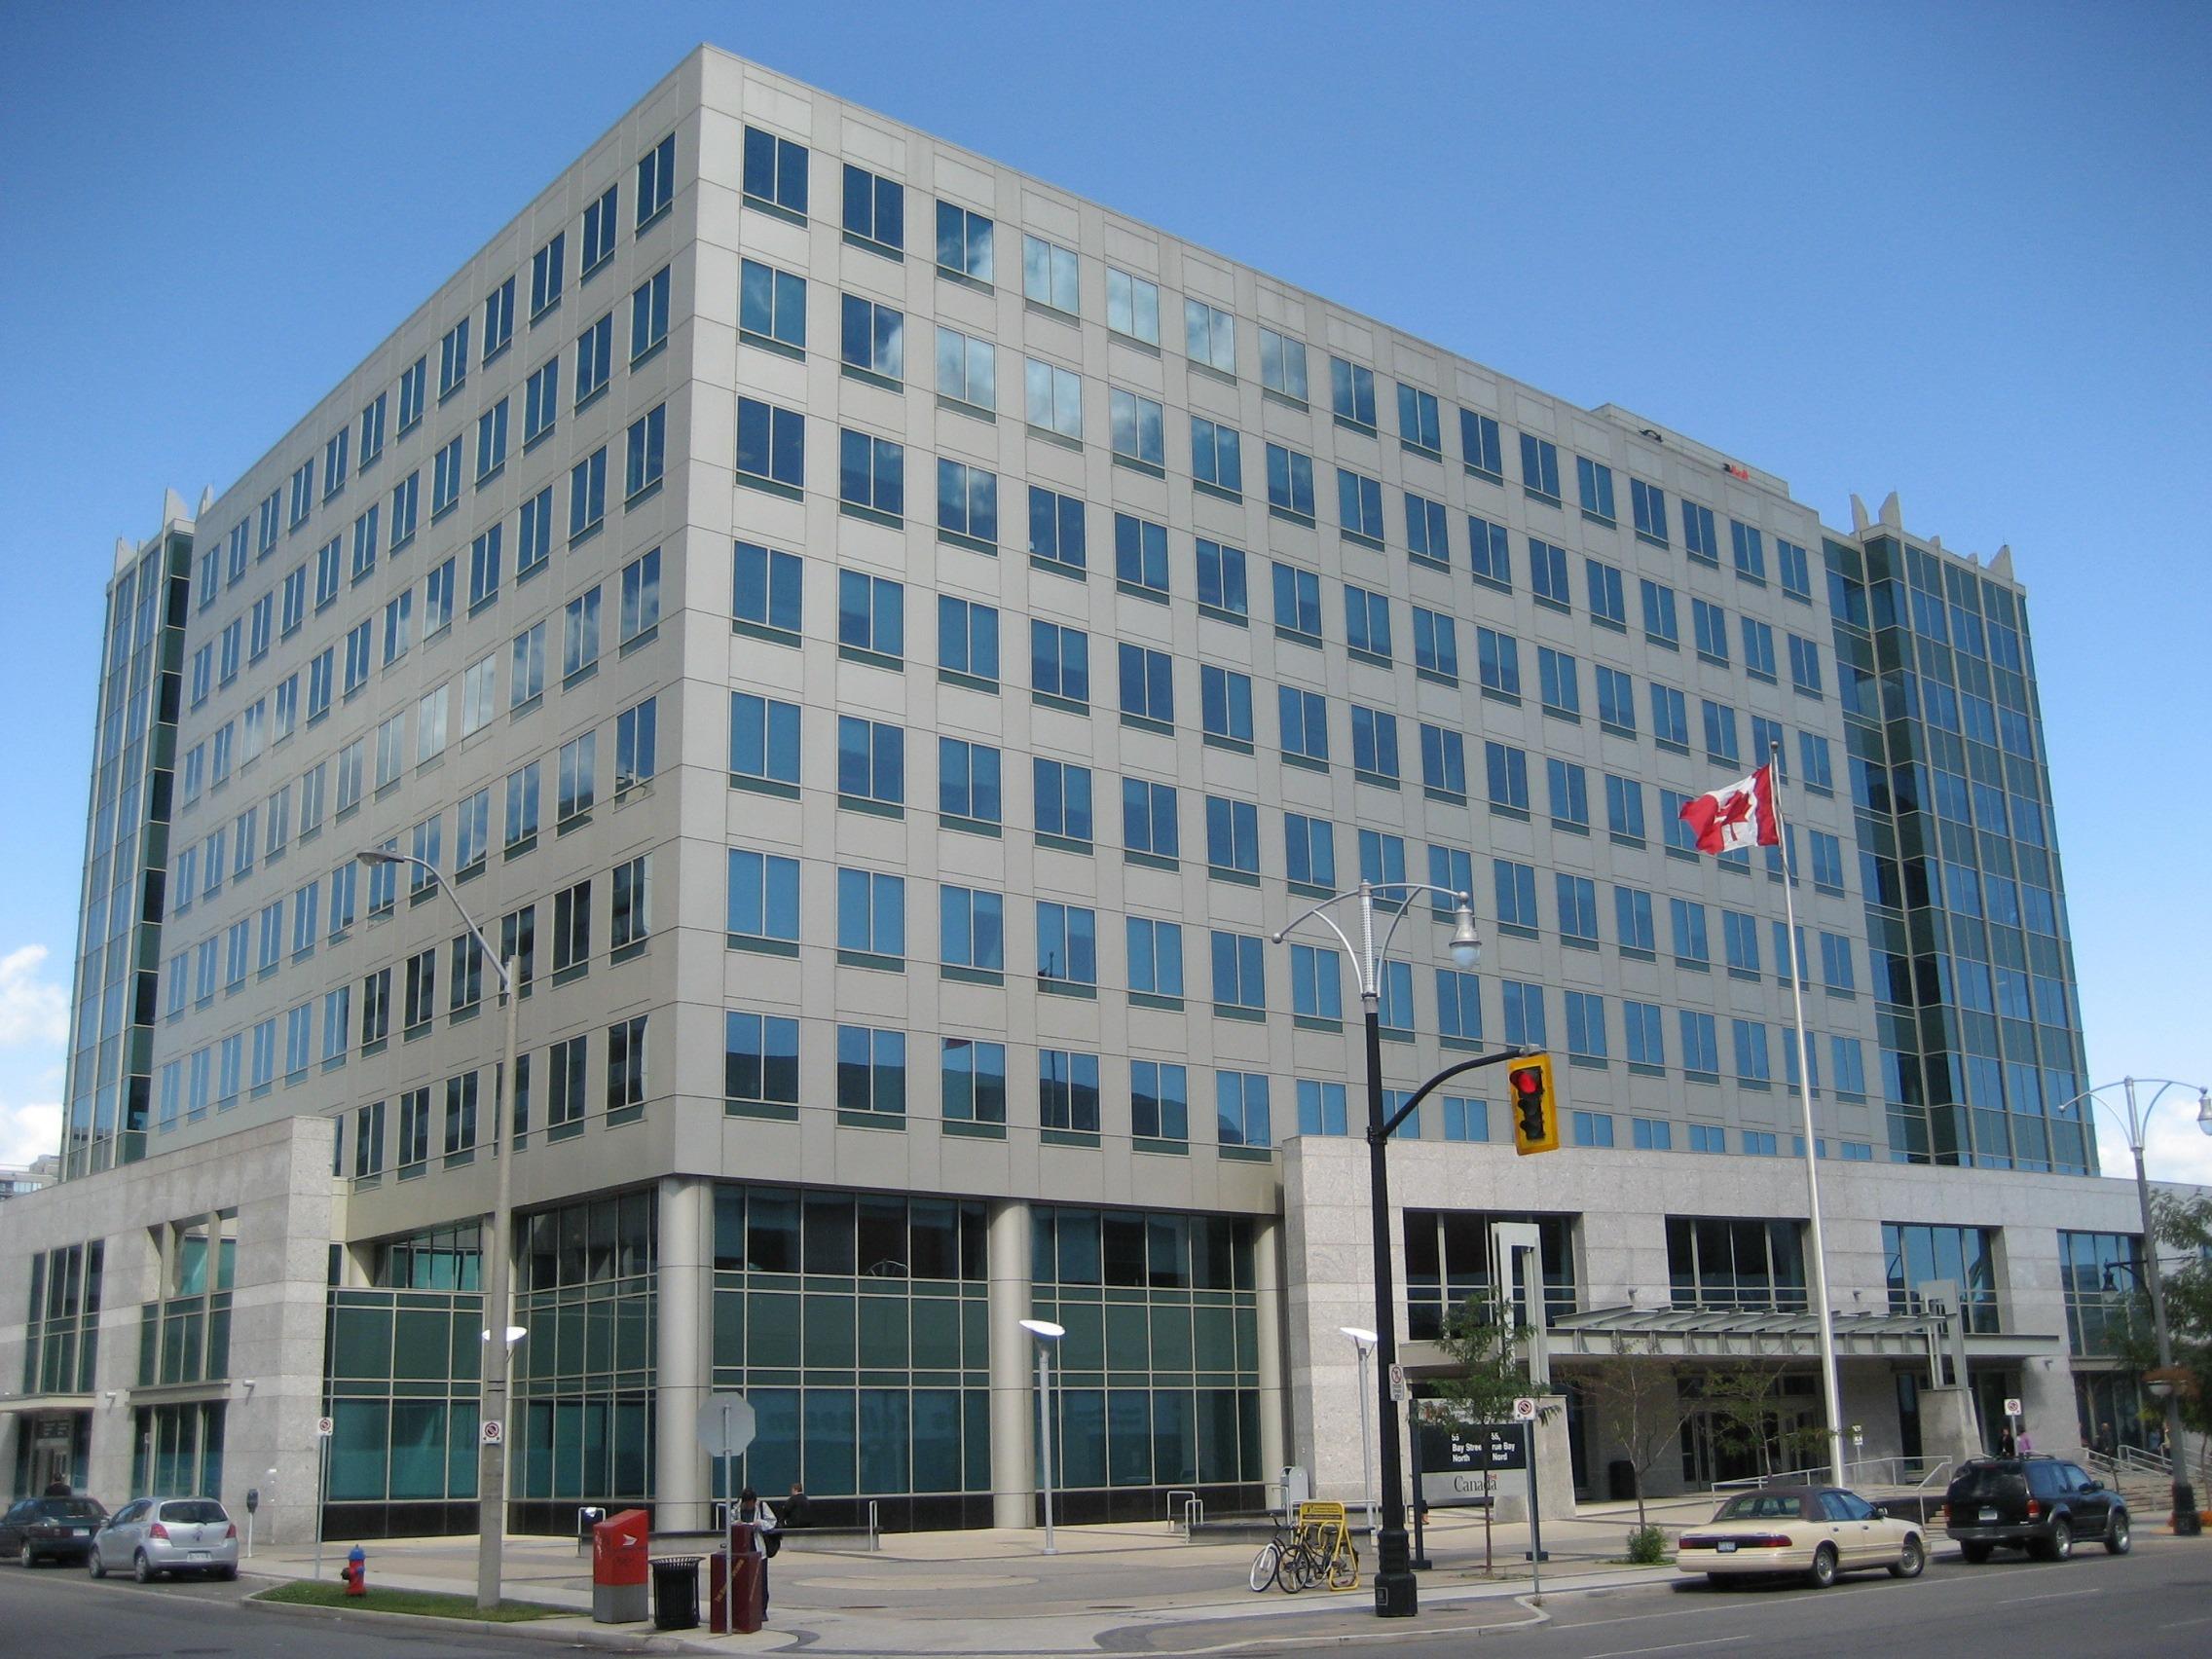 Federal_Building_Hamilton